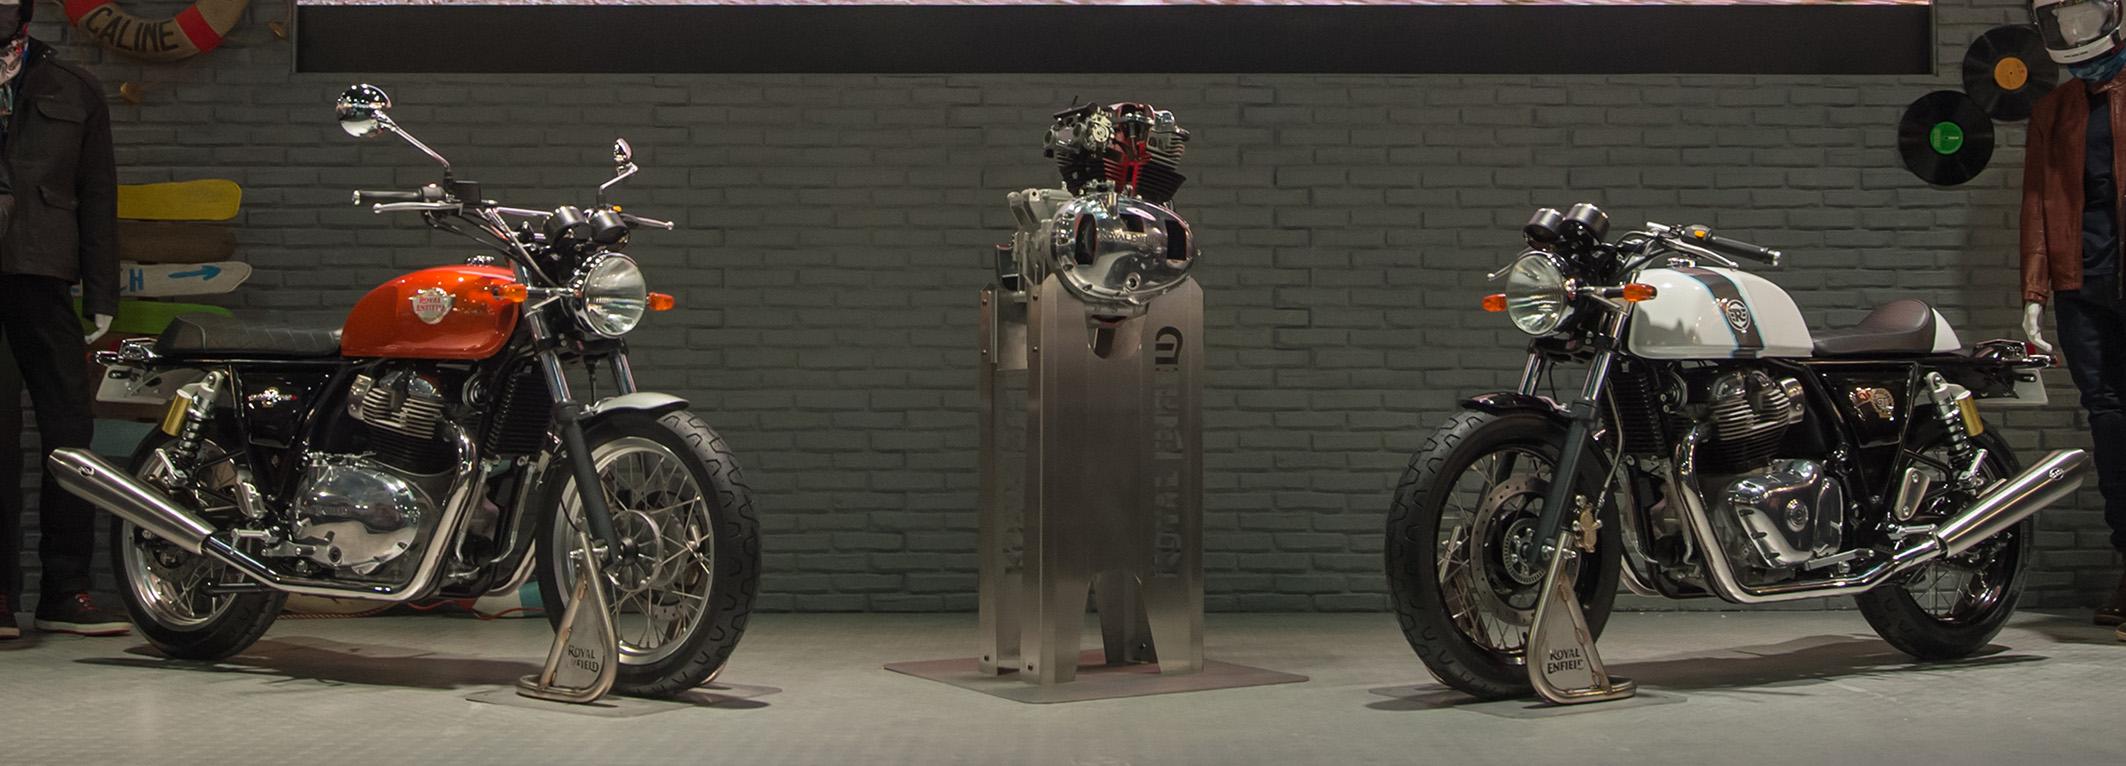 Novas motos Royal Enfield